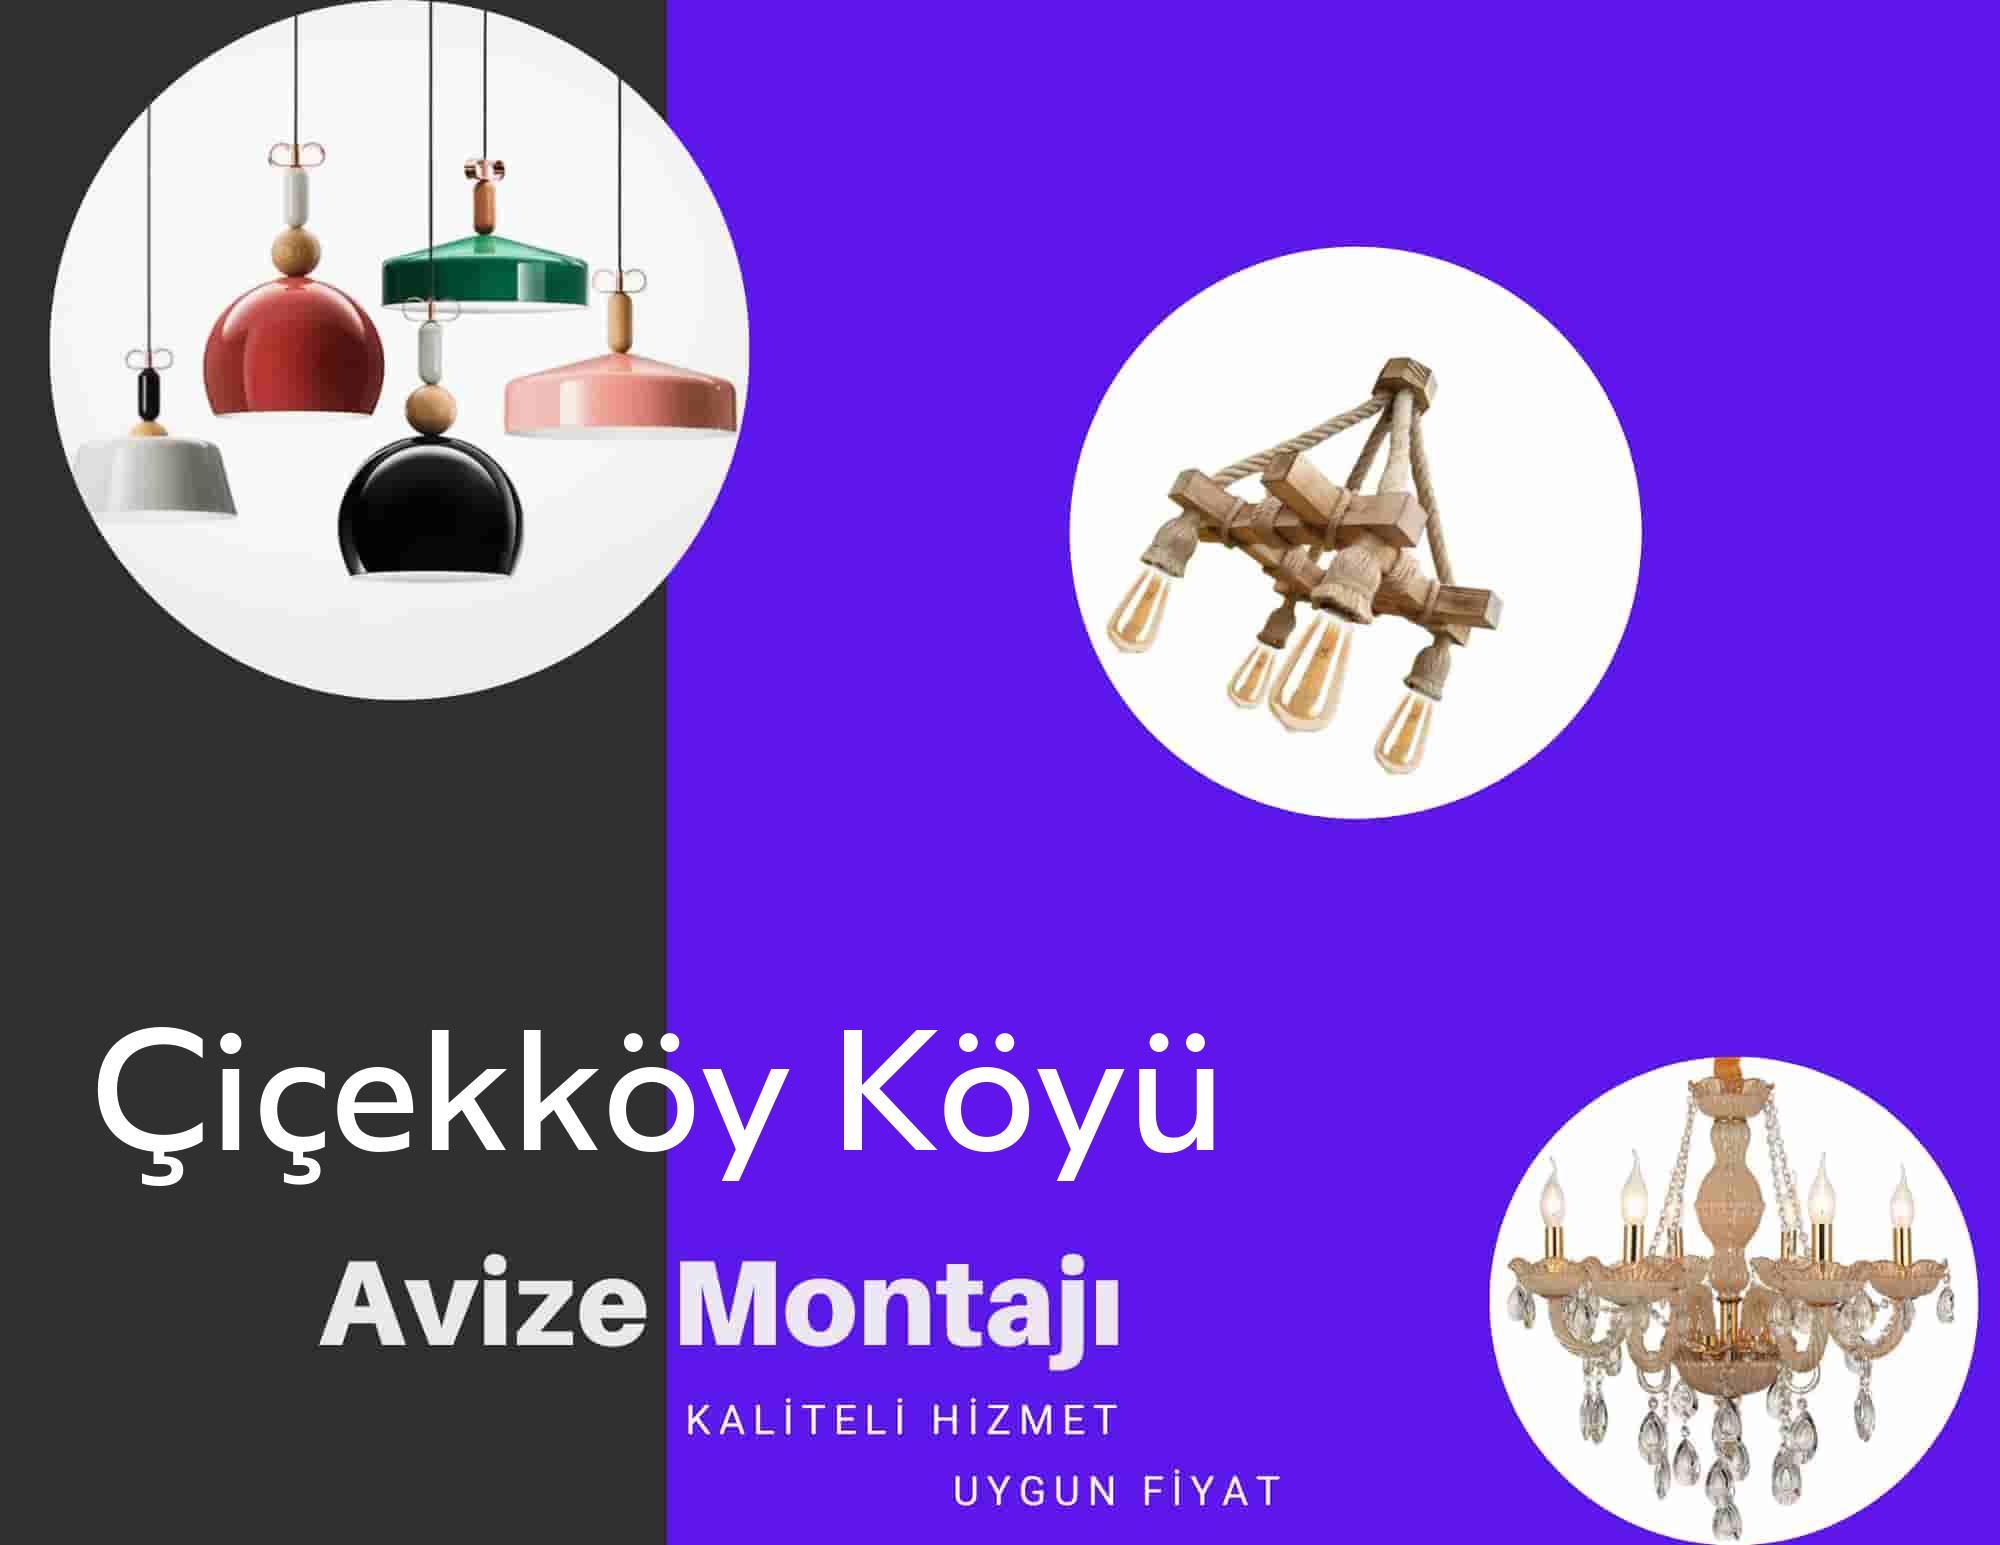 Çiçekköy Köyüde avize montajı yapan yerler arıyorsanız elektrikcicagir anında size profesyonel avize montajı ustasını yönlendirir.